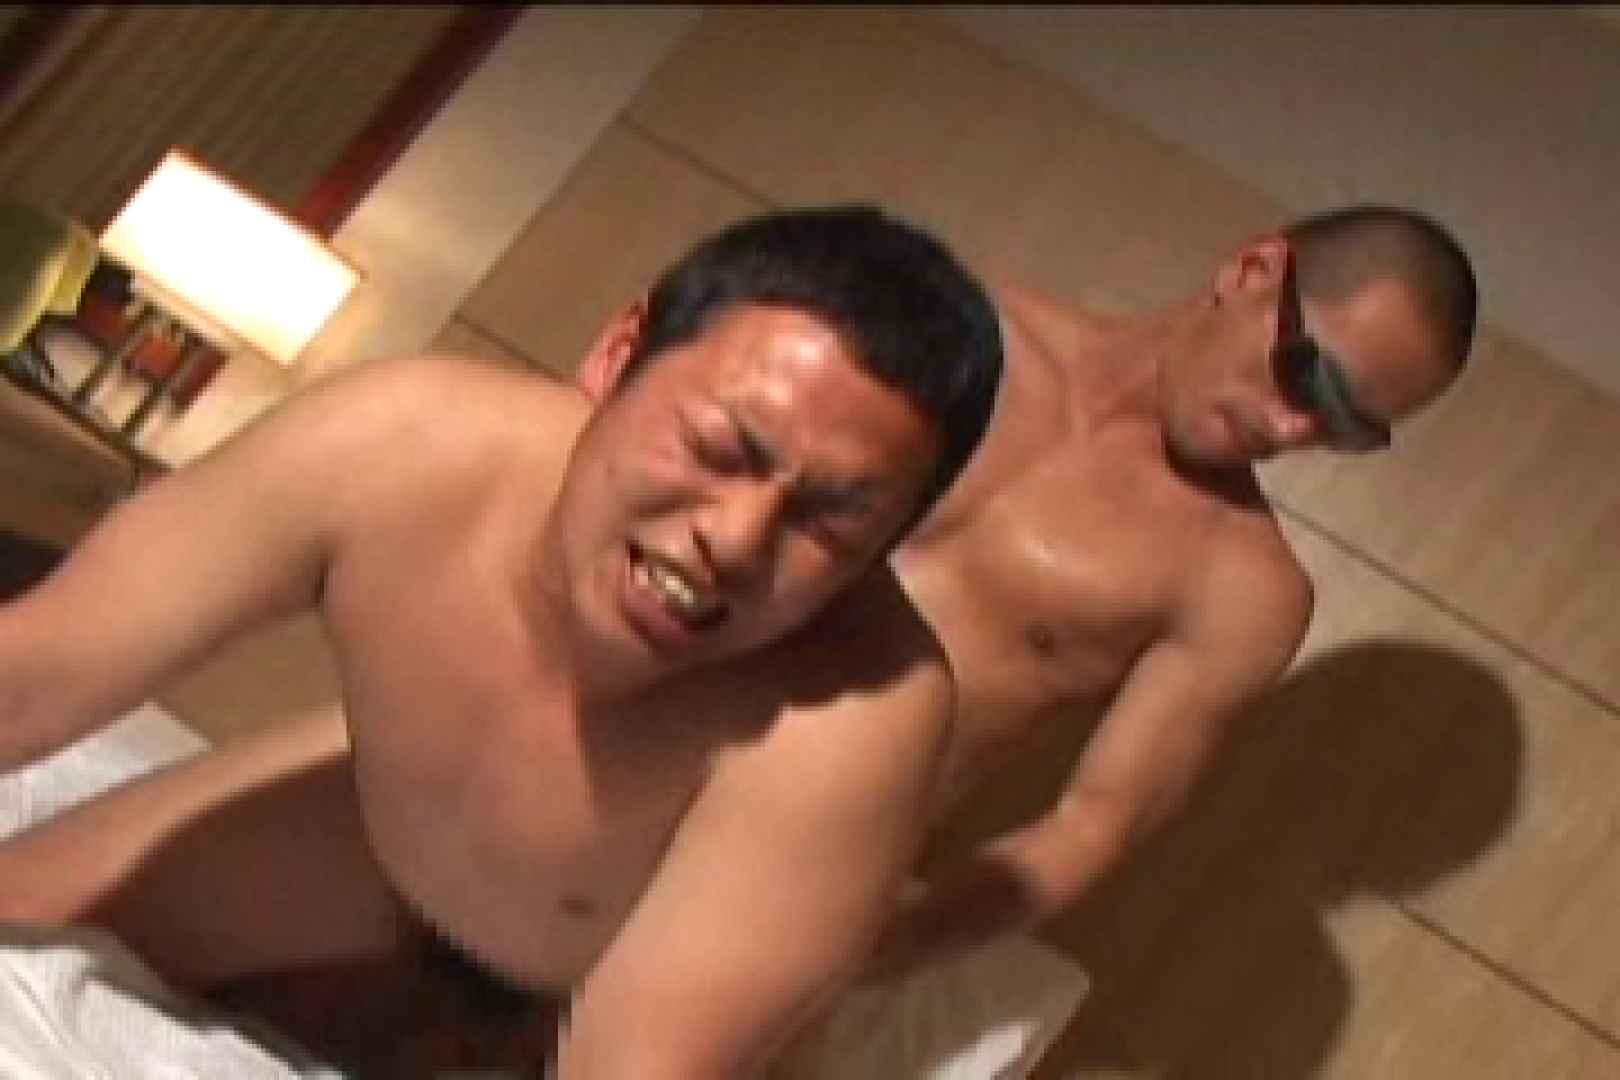 スポMENファック!!反り勃つ男根!!vol.6 男祭り ゲイエロ画像 98枚 82